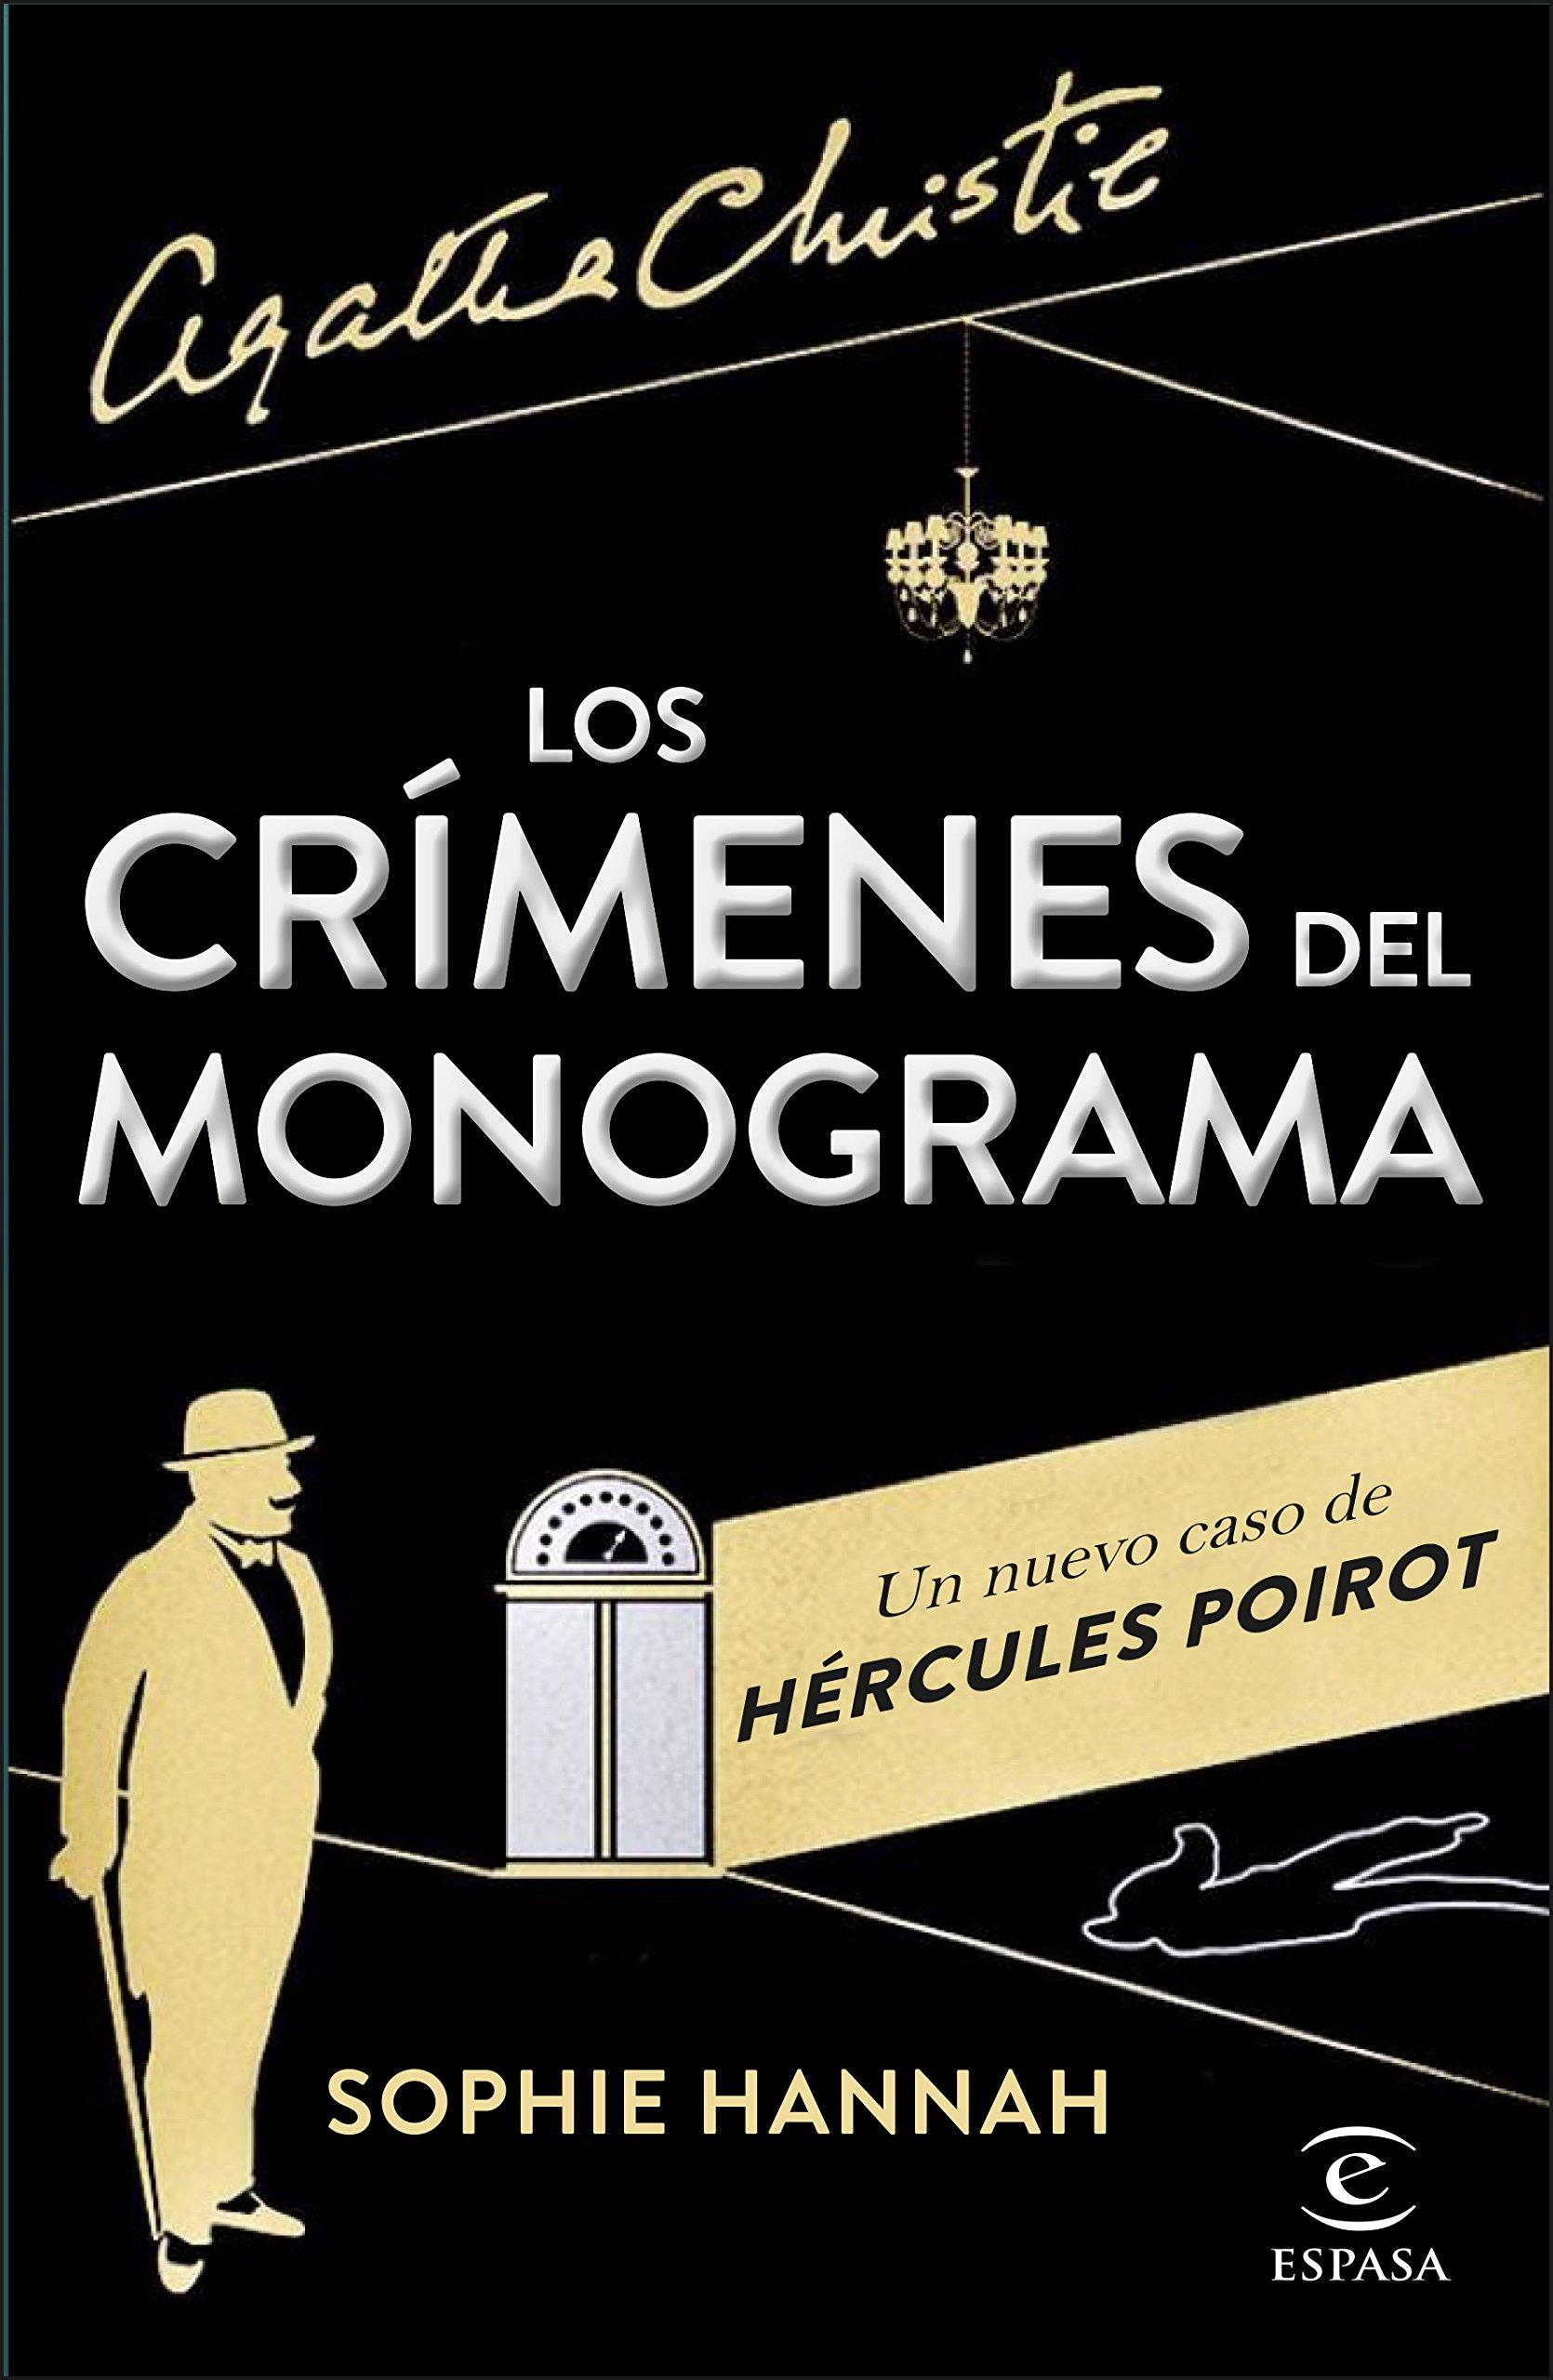 Los crímenes del monograma : un nuevo caso de Hércules Poirot (Espasa Narrativa)